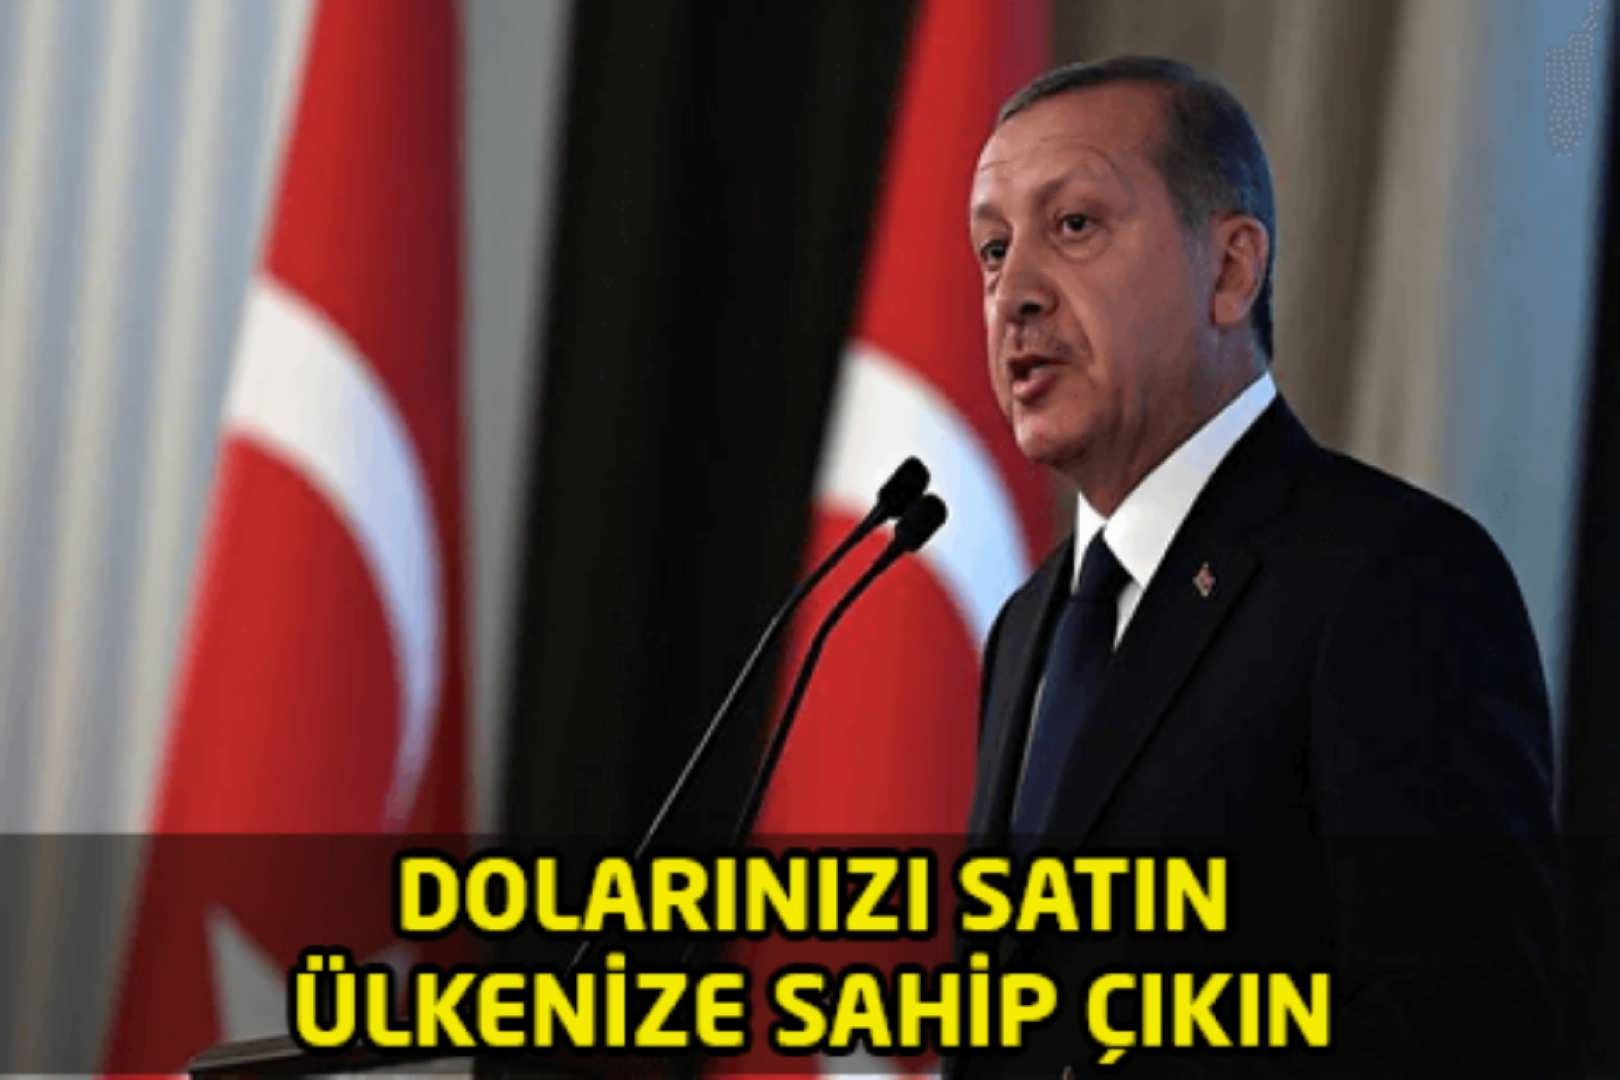 Cumhurbaşkanı Erdoğan Dolarınızı satın ve Ülkenize Sahip Çıkın